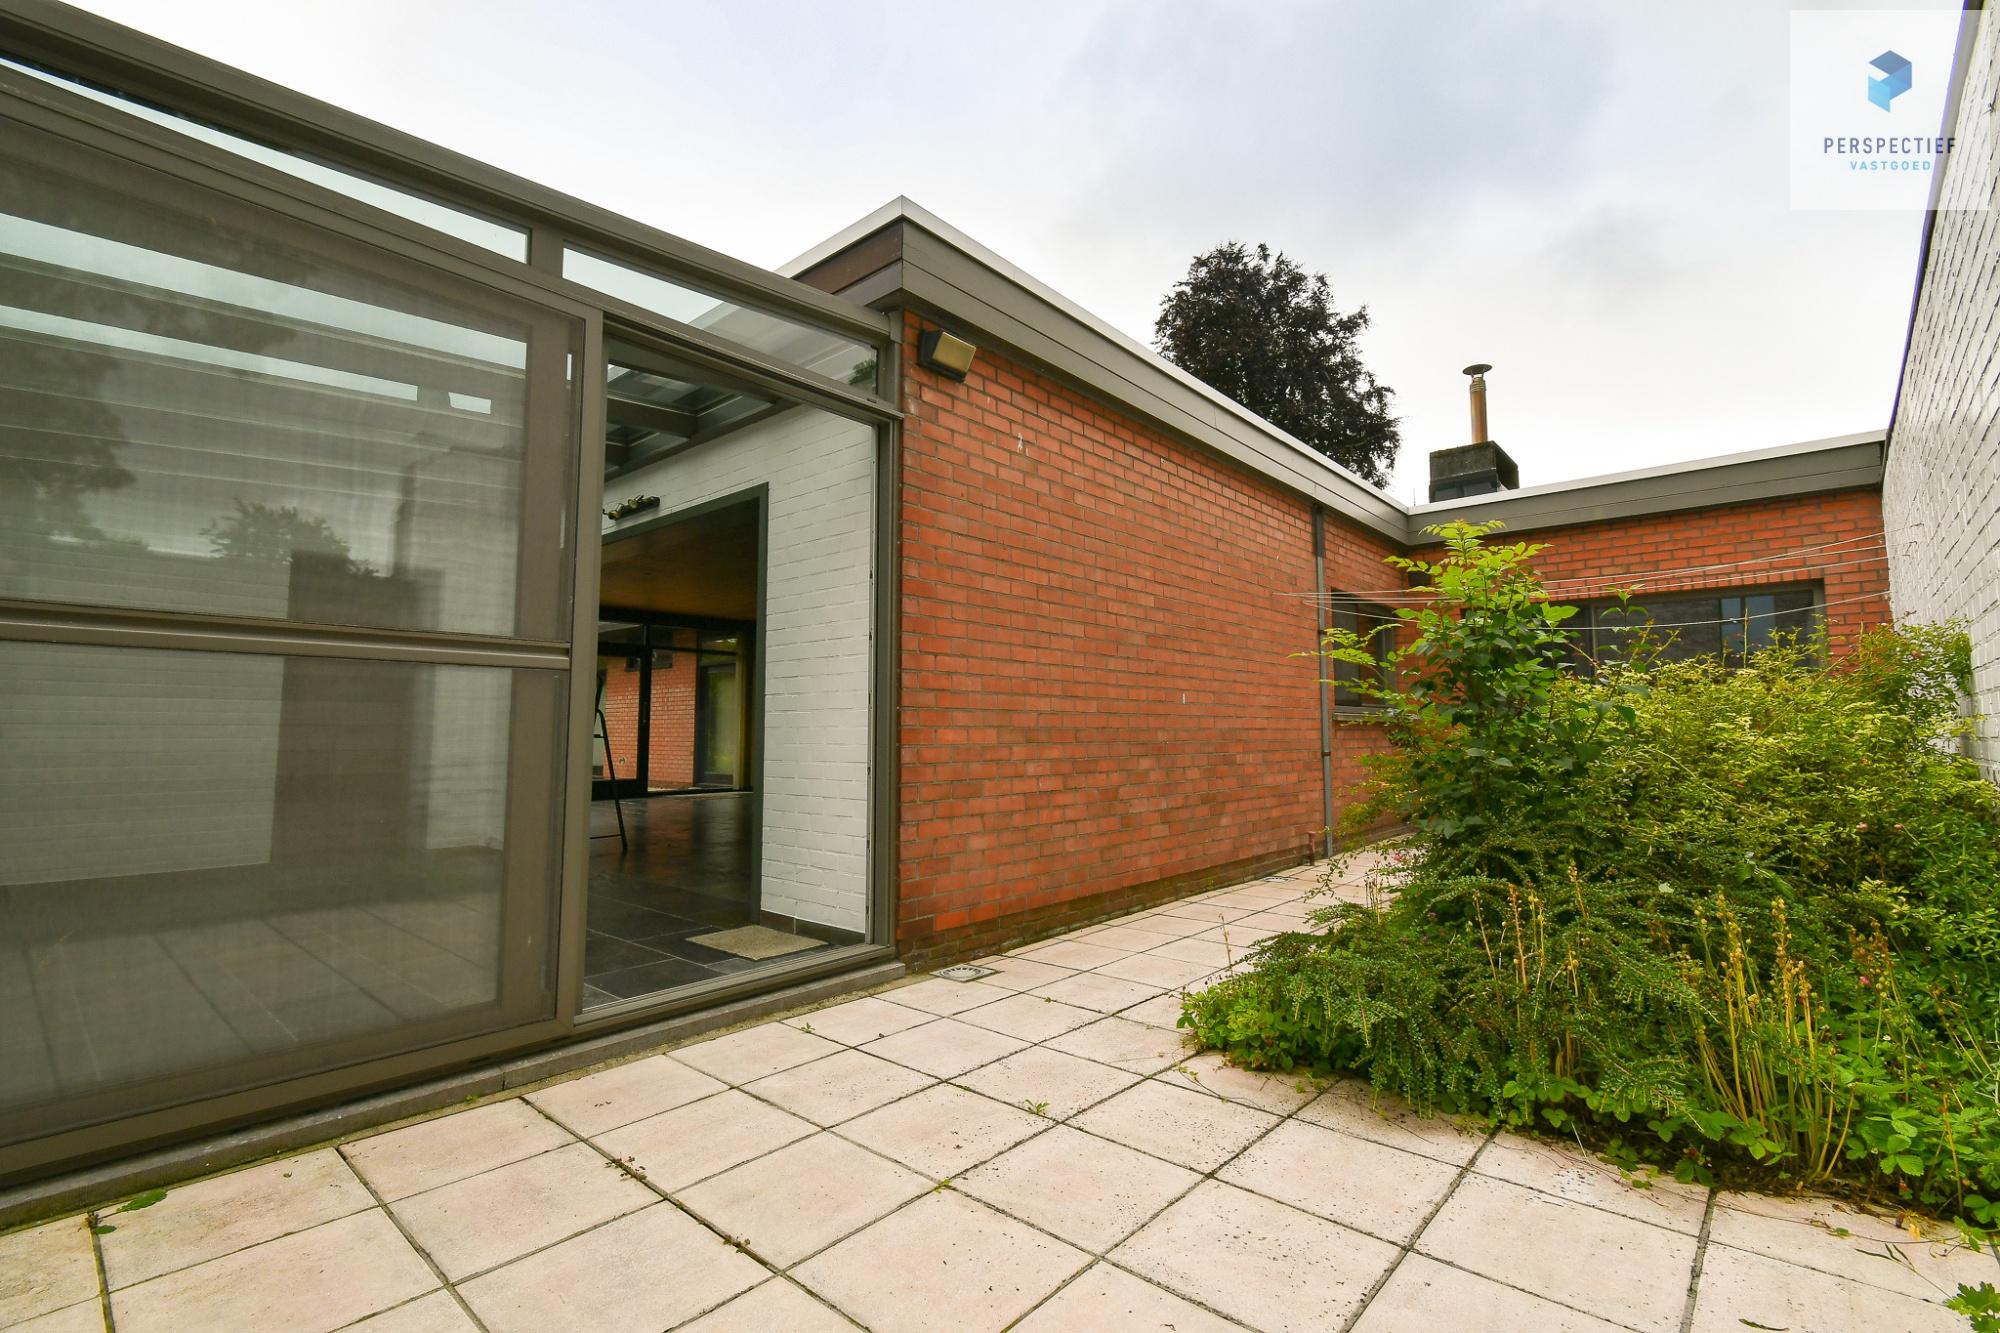 | IN OPTIE | Vrijstaandearchitecturale woningop eentoplocatie, ideaal voor een zelfstandigepraktijk! - 11